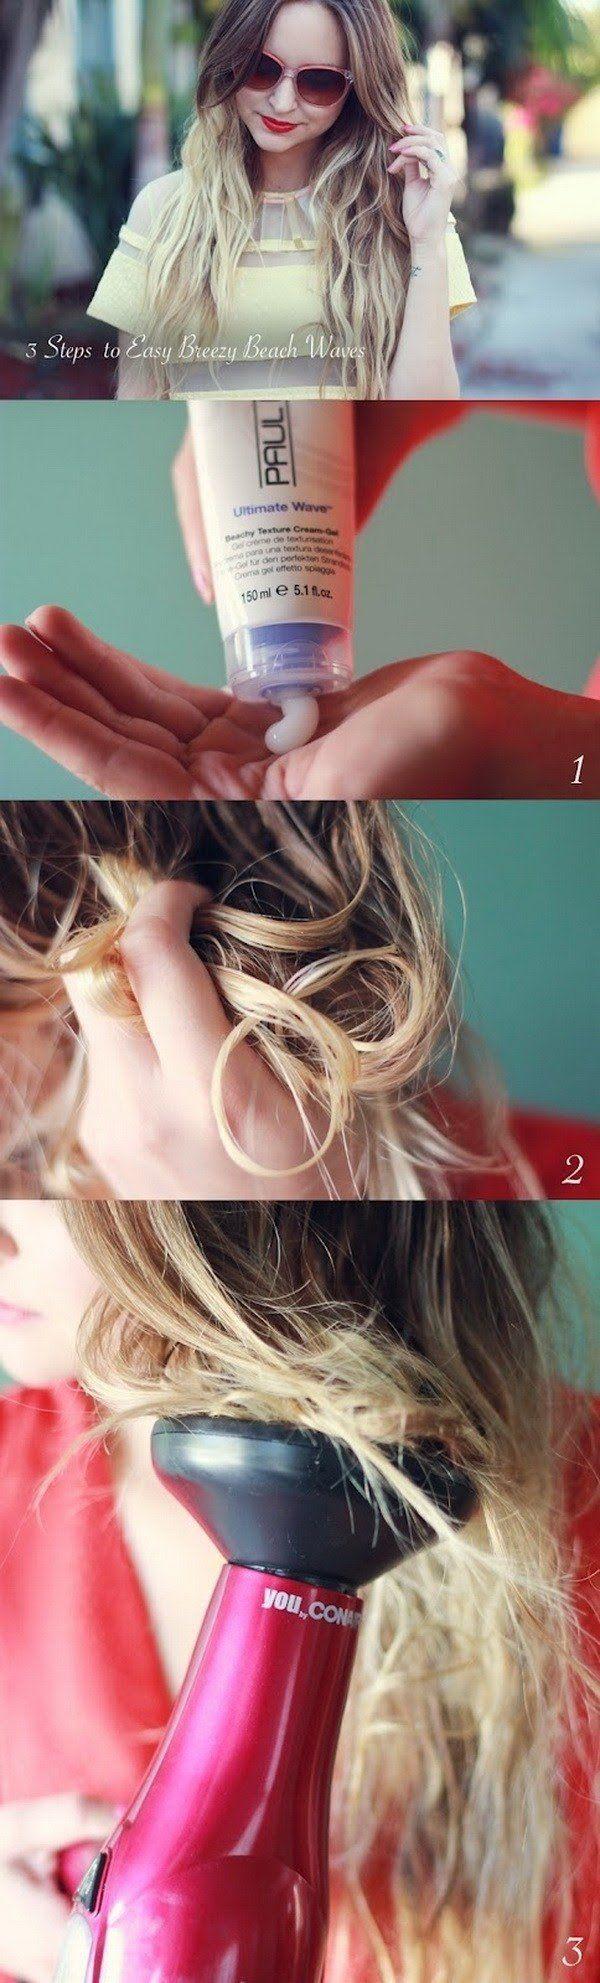 Nützliche Hair Hacks, die jedes Mädchen kennen sollte